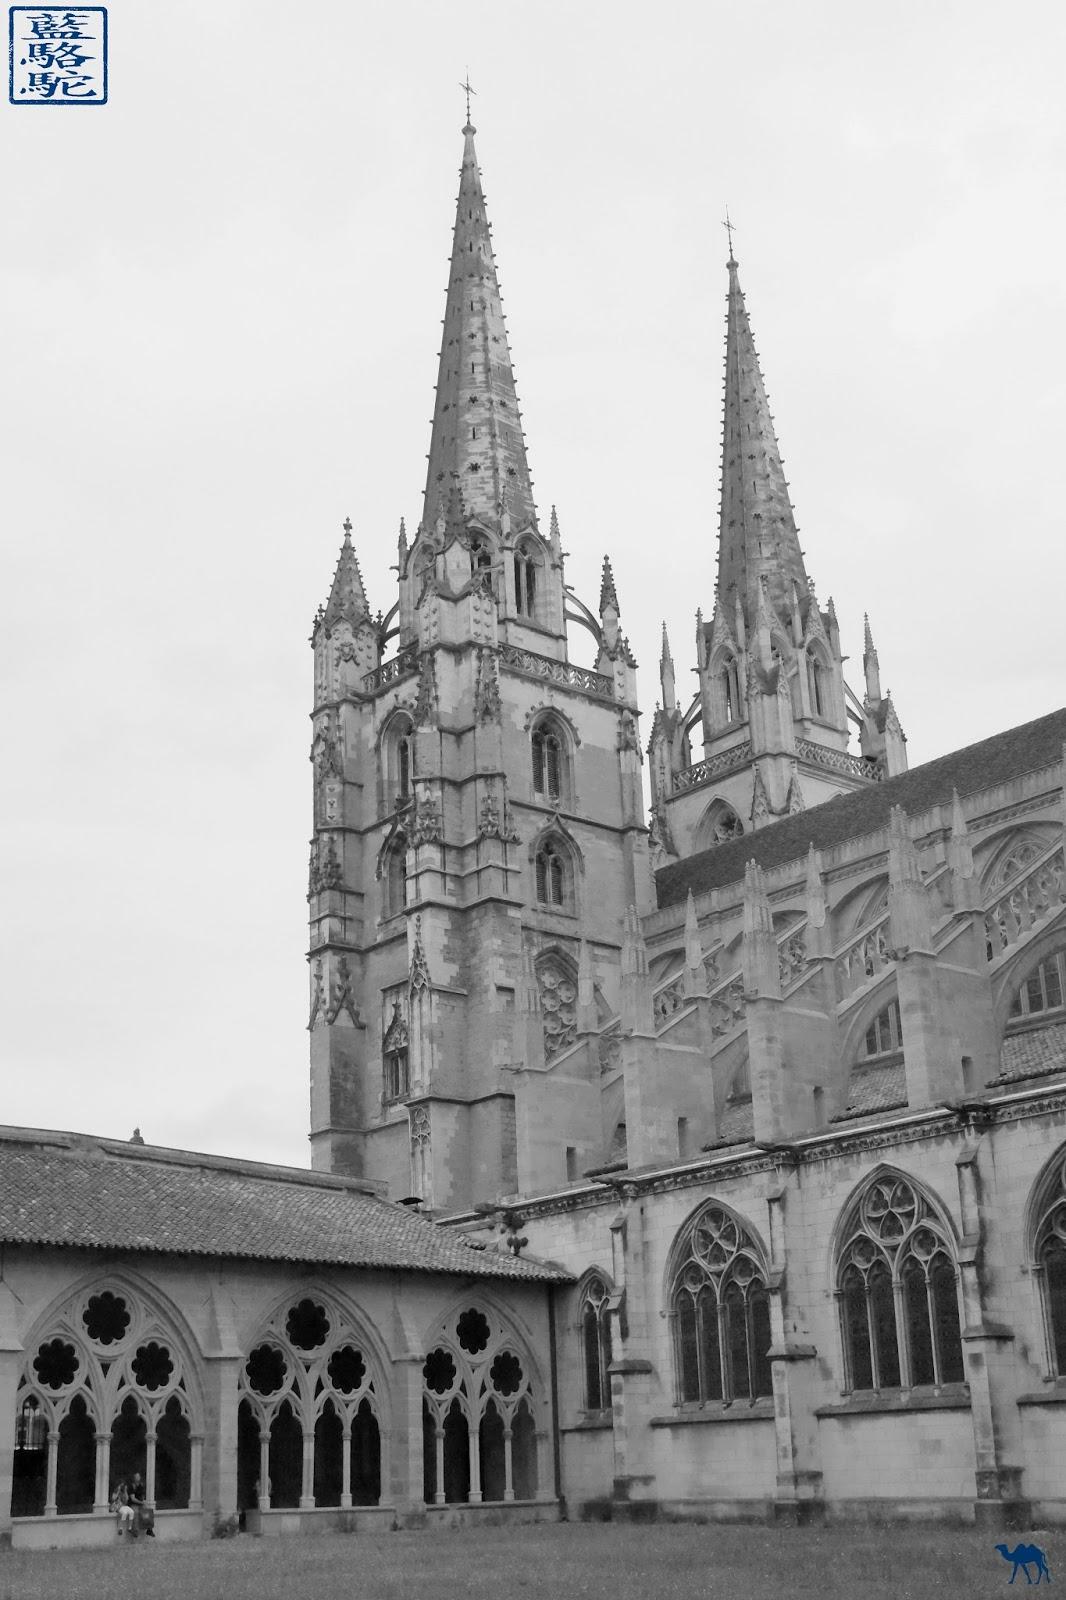 Le Chameau Bleu - Cathédrale Sainte Marie de Bayonne